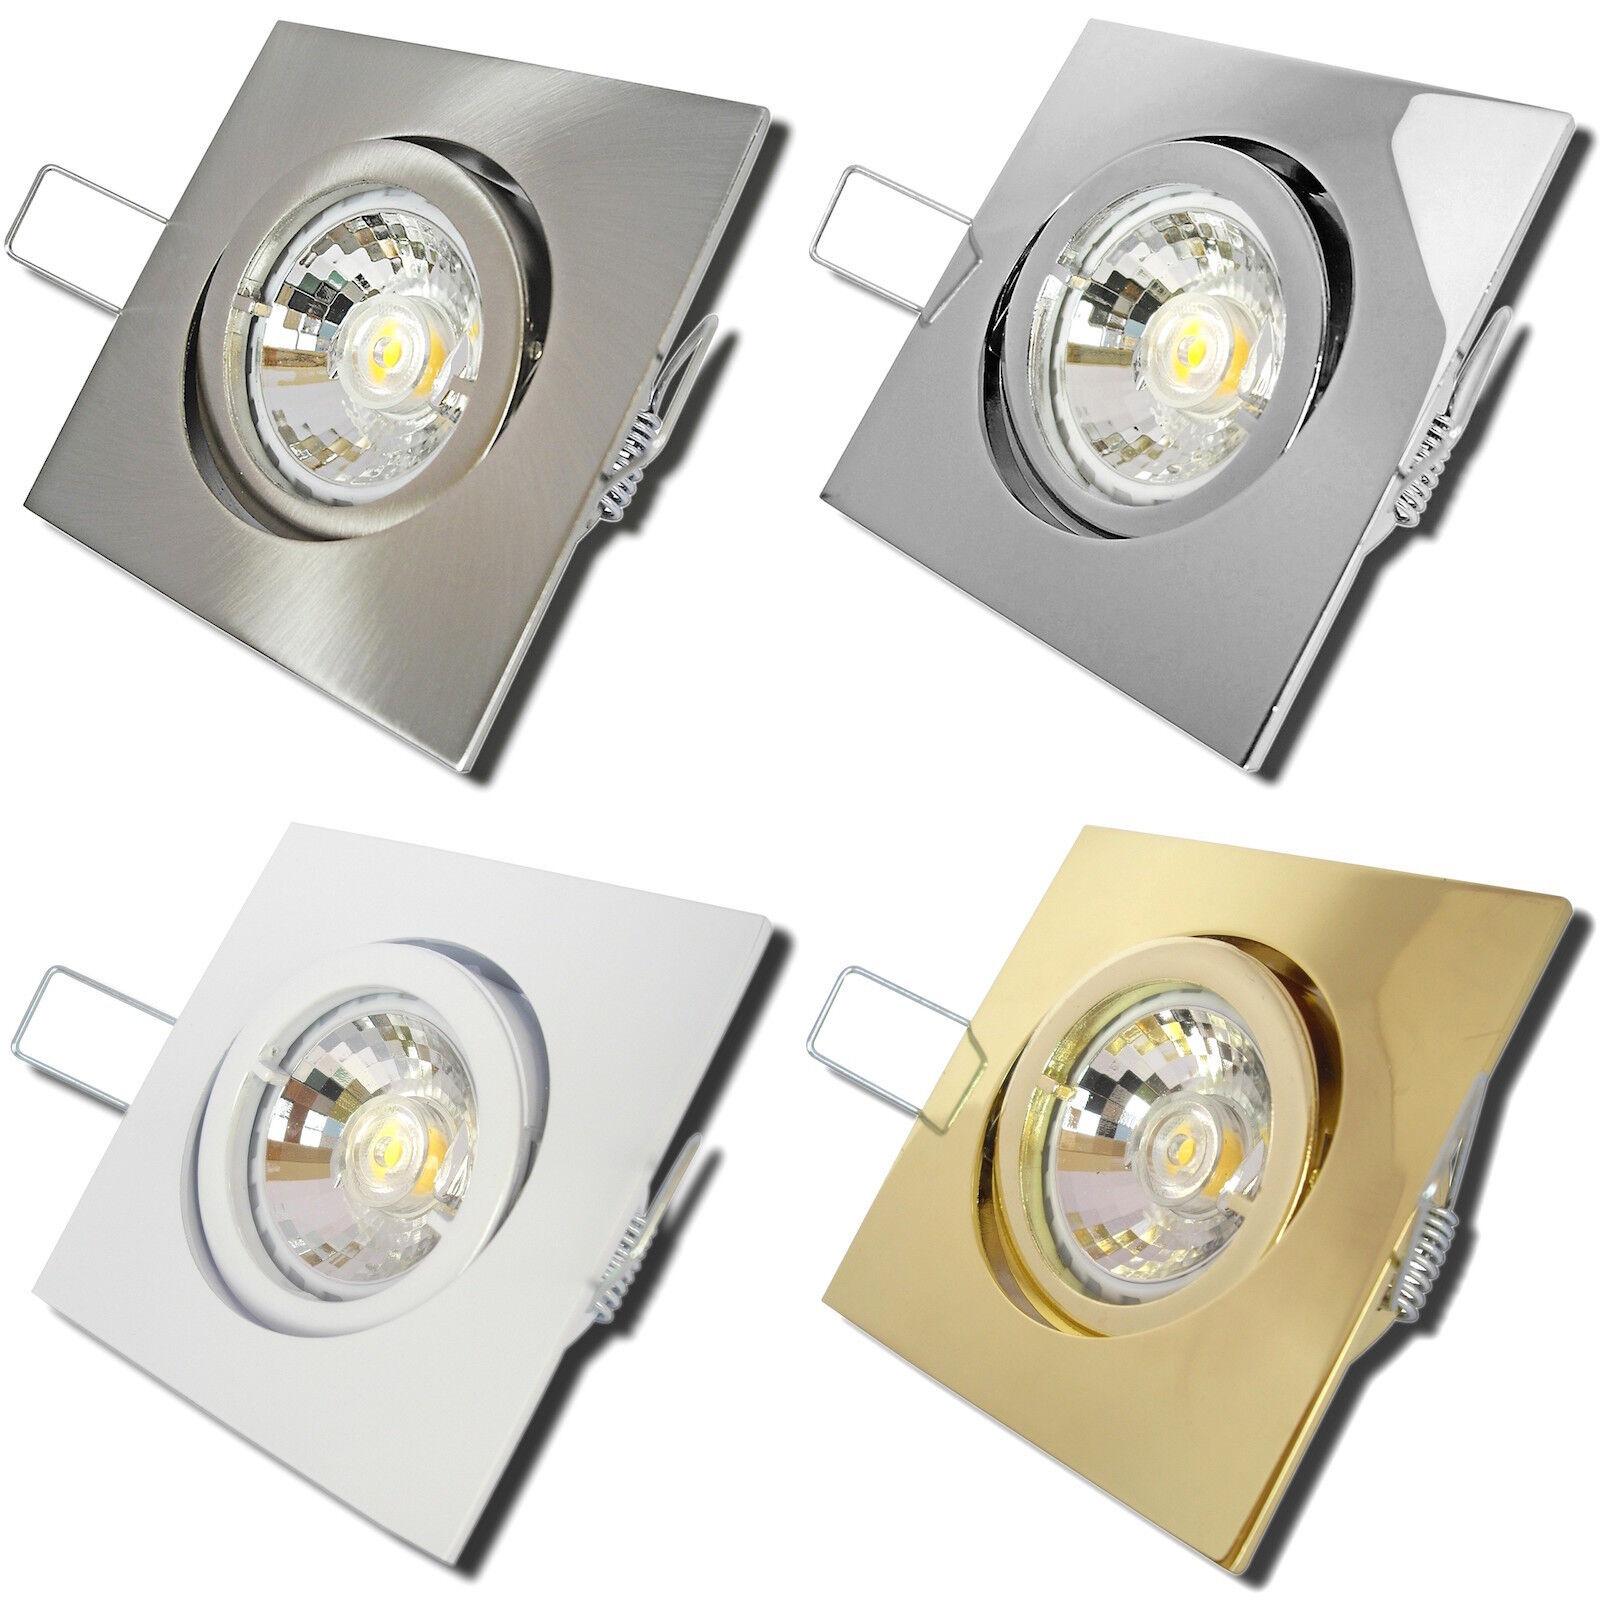 1-10er Sets Power LED Einbaustrahler Square 230Volt 5W=50W Einbauleuchten 400Ln